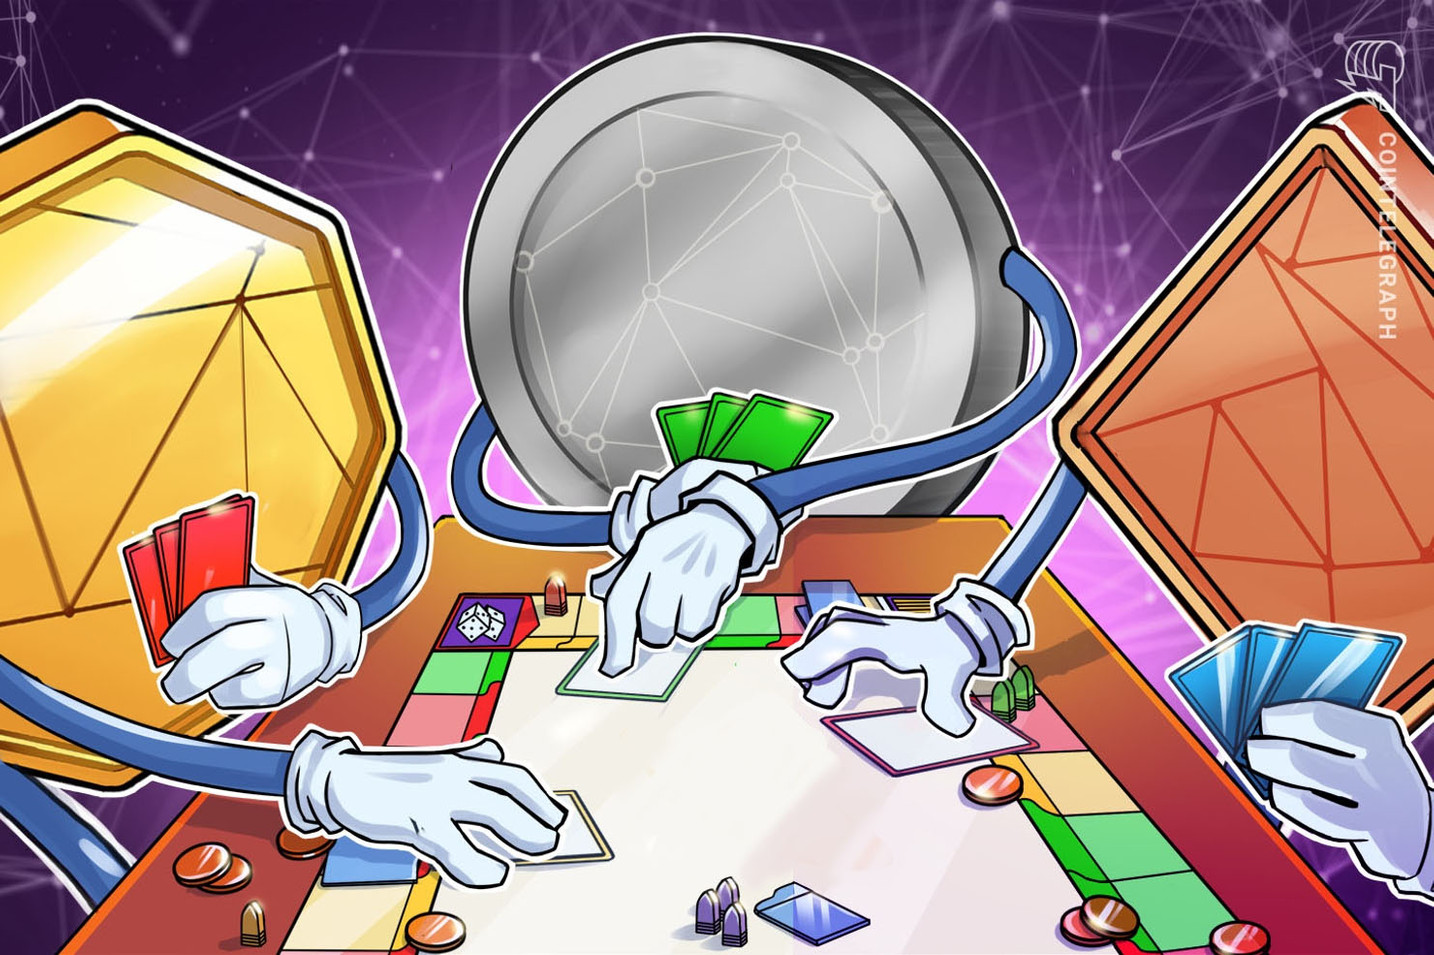 Il primo gioco basato su Tezos verrà lanciato ad aprile in versione alpha